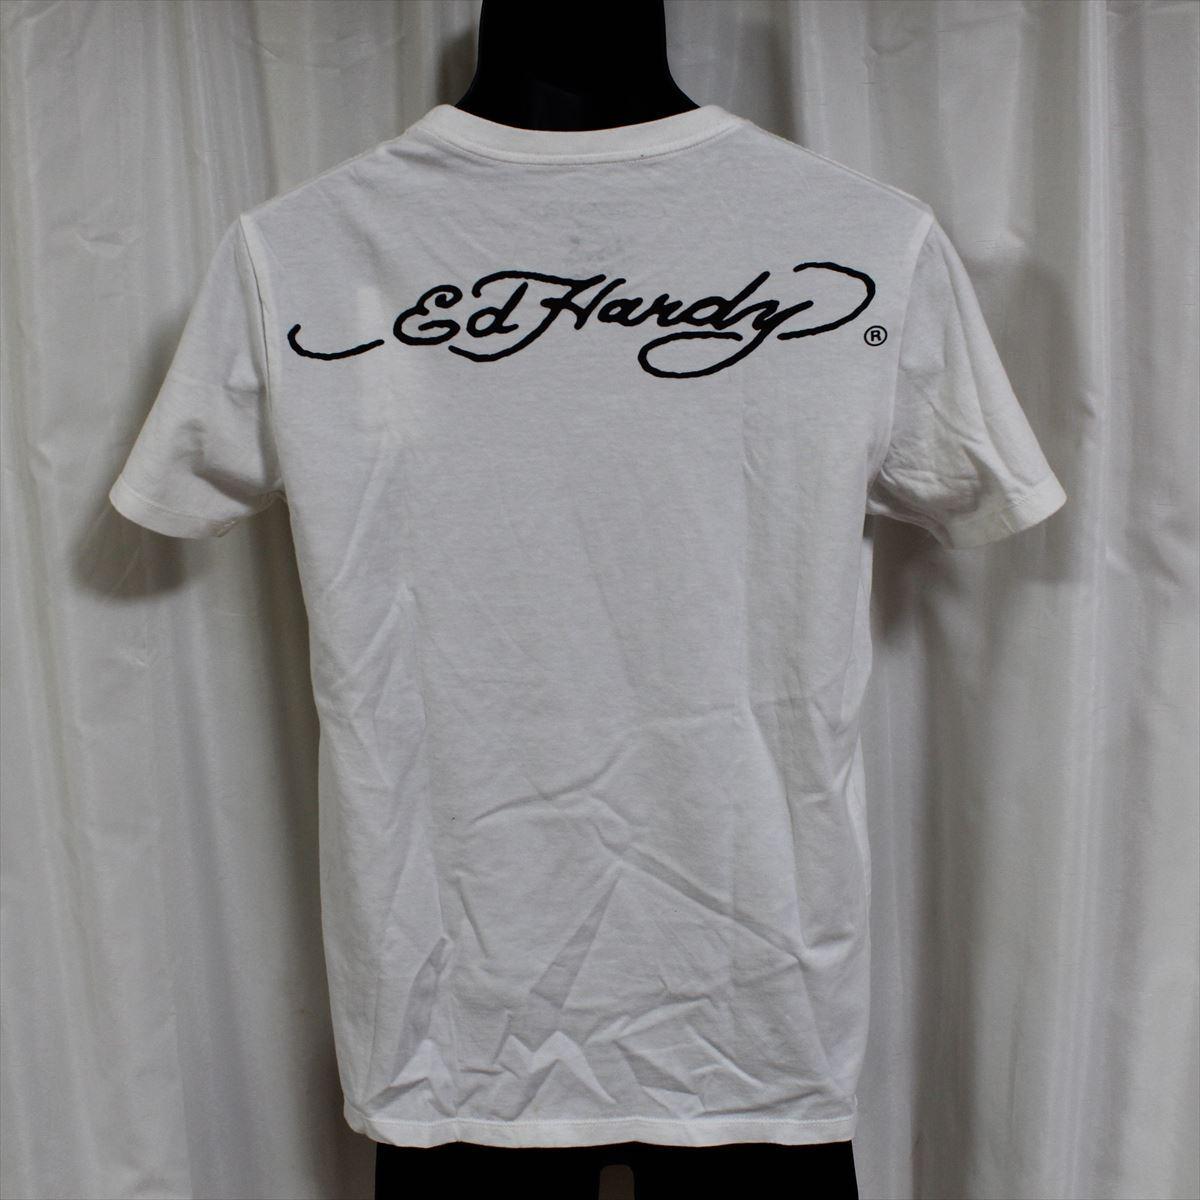 エドハーディー ED HARDY メンズ半袖Tシャツ ホワイト Mサイズ NO10 アウトレット_画像3